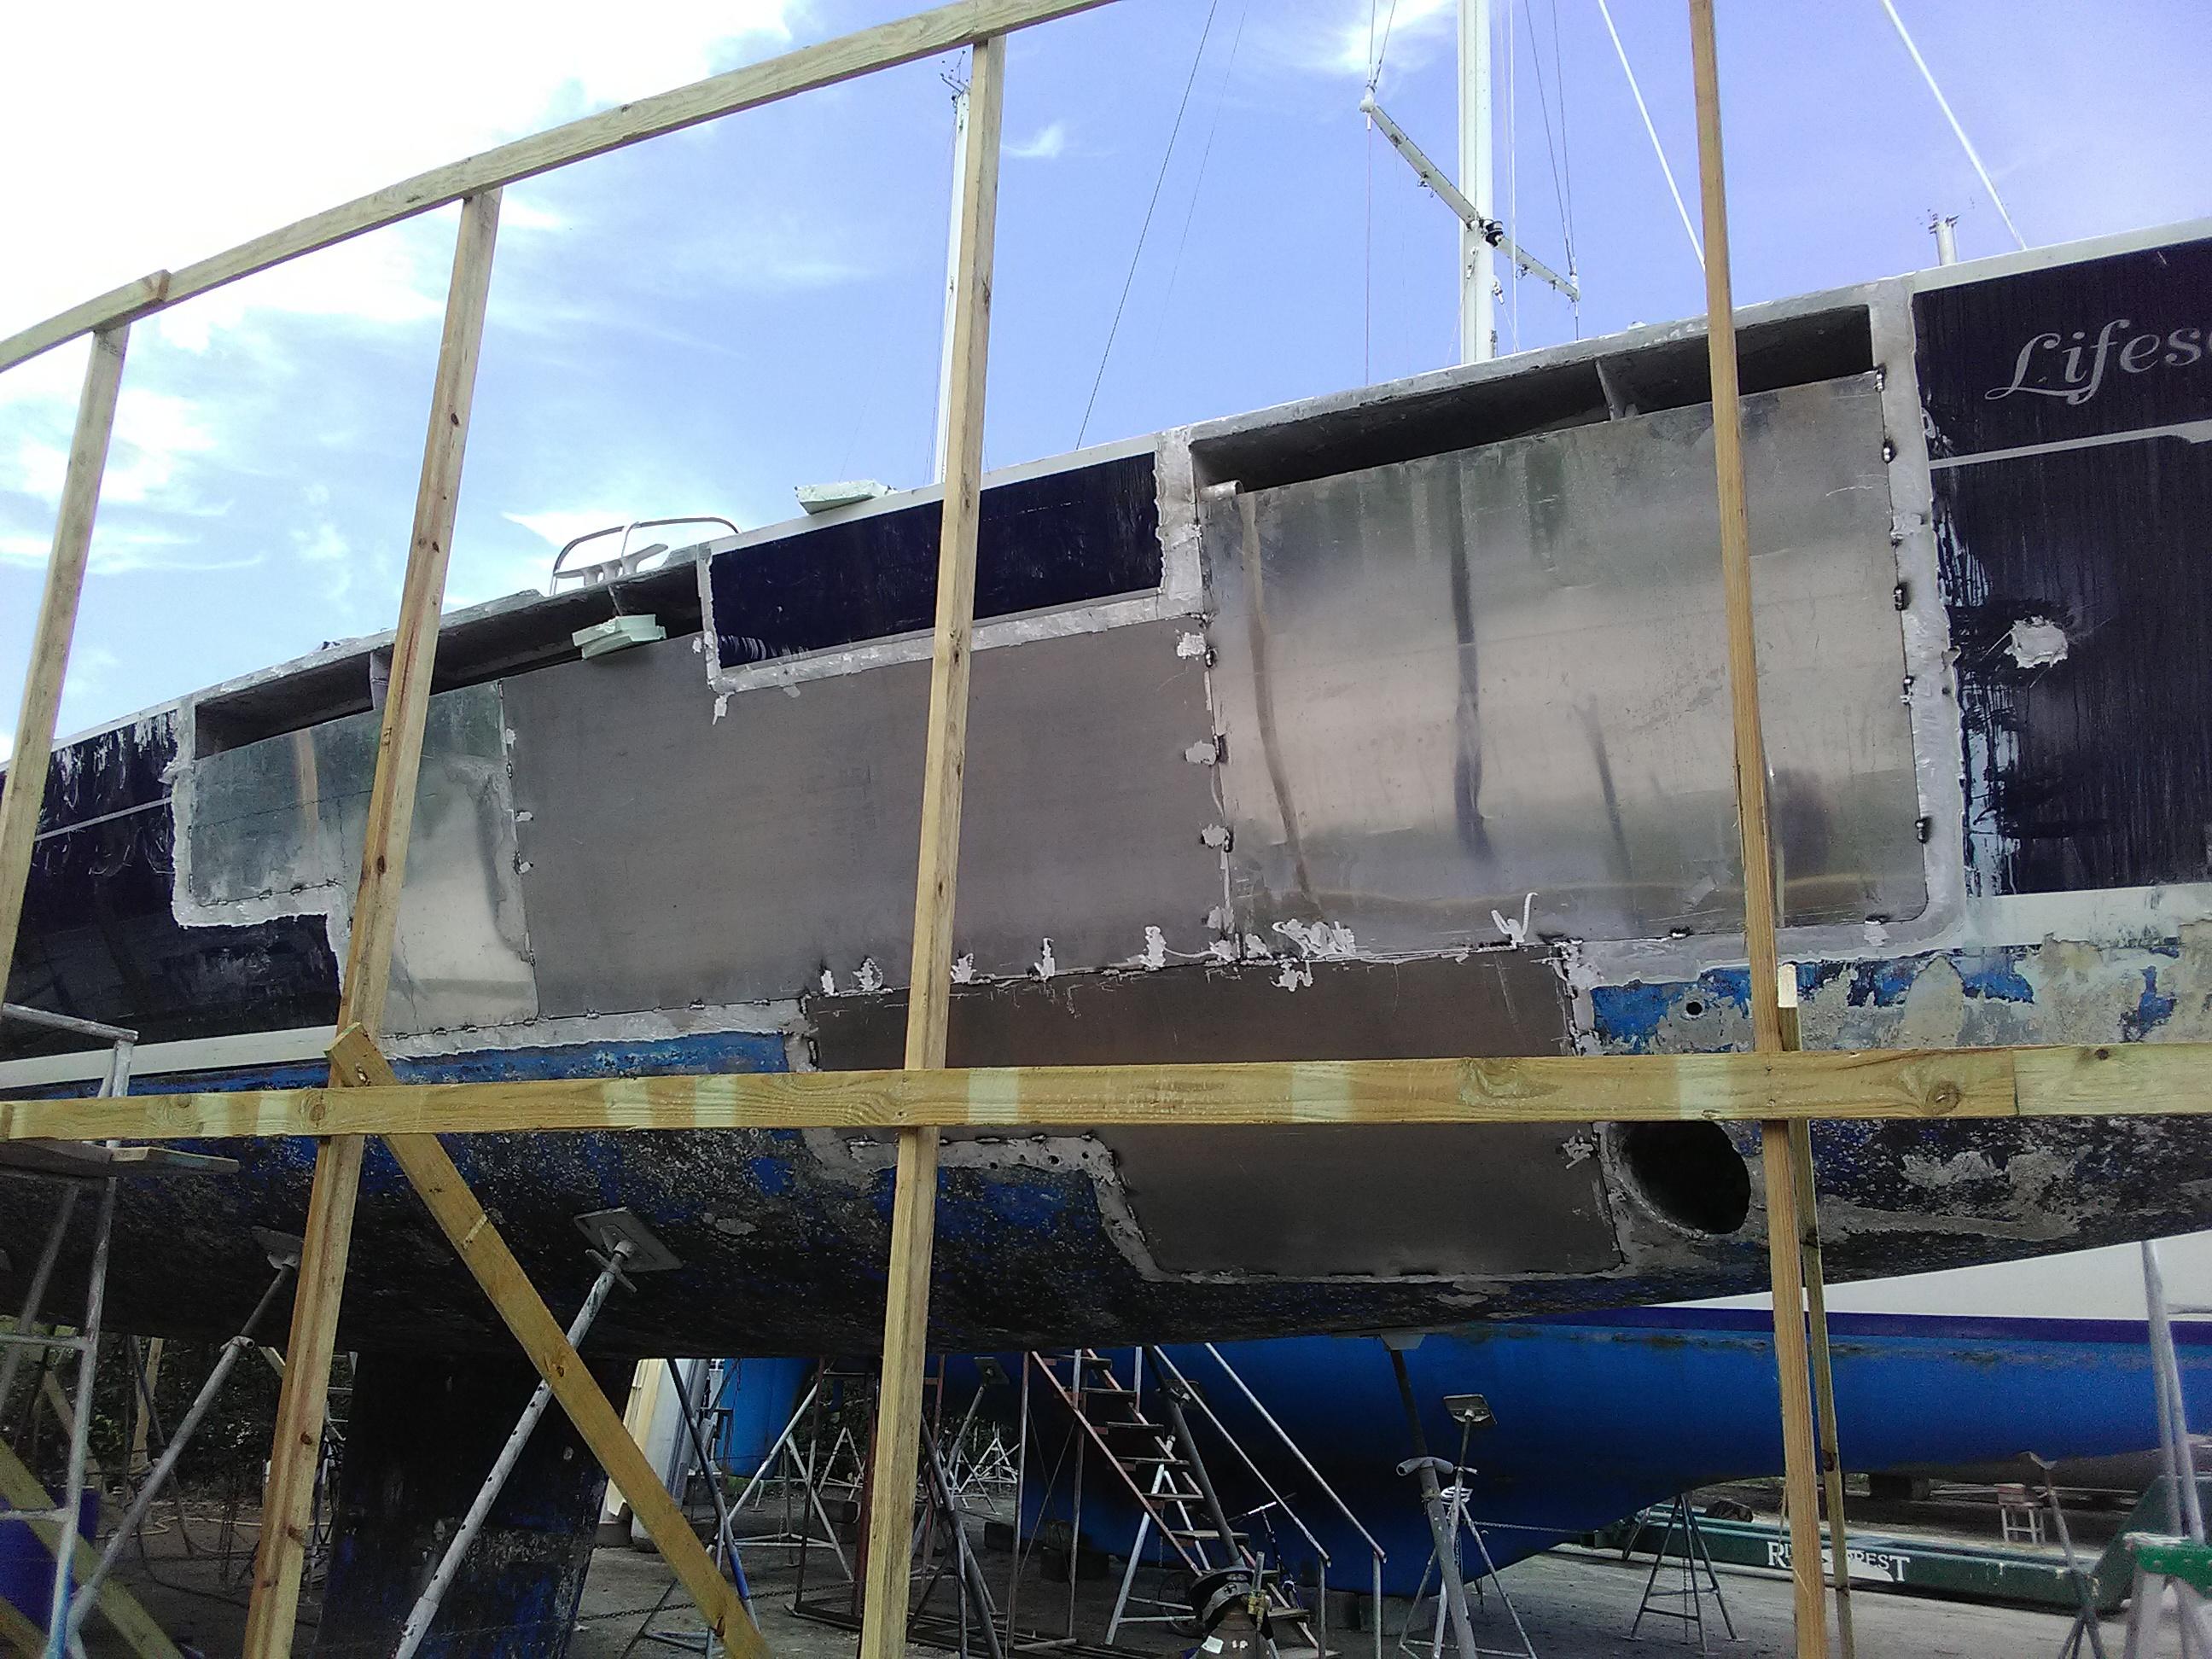 Les nouvelles plaques d'aluminium installé sur le bateau